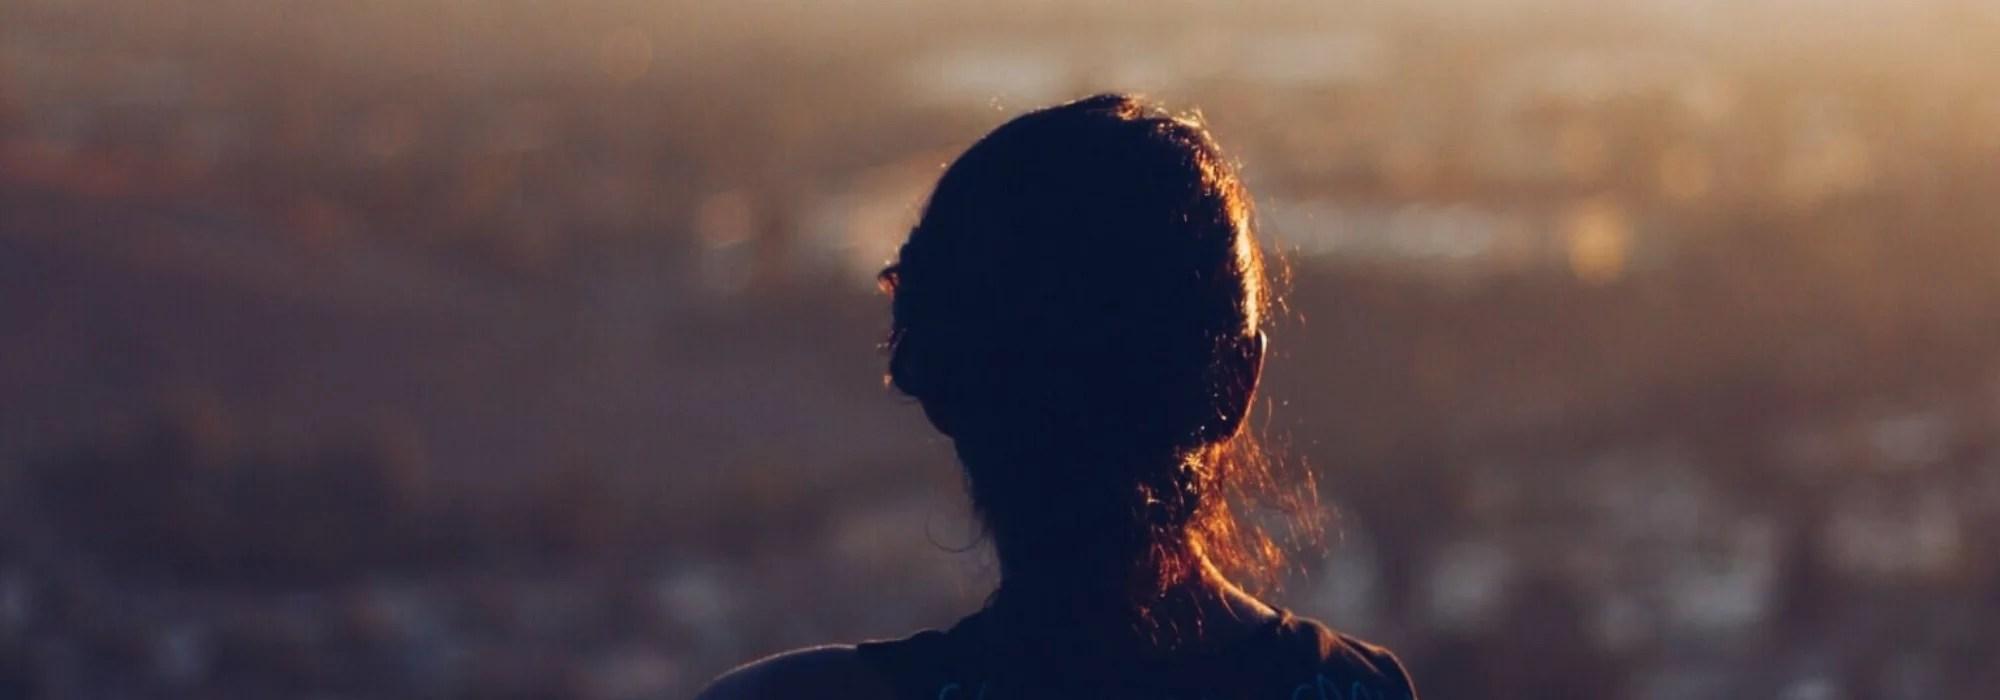 Frau blick in die Weite